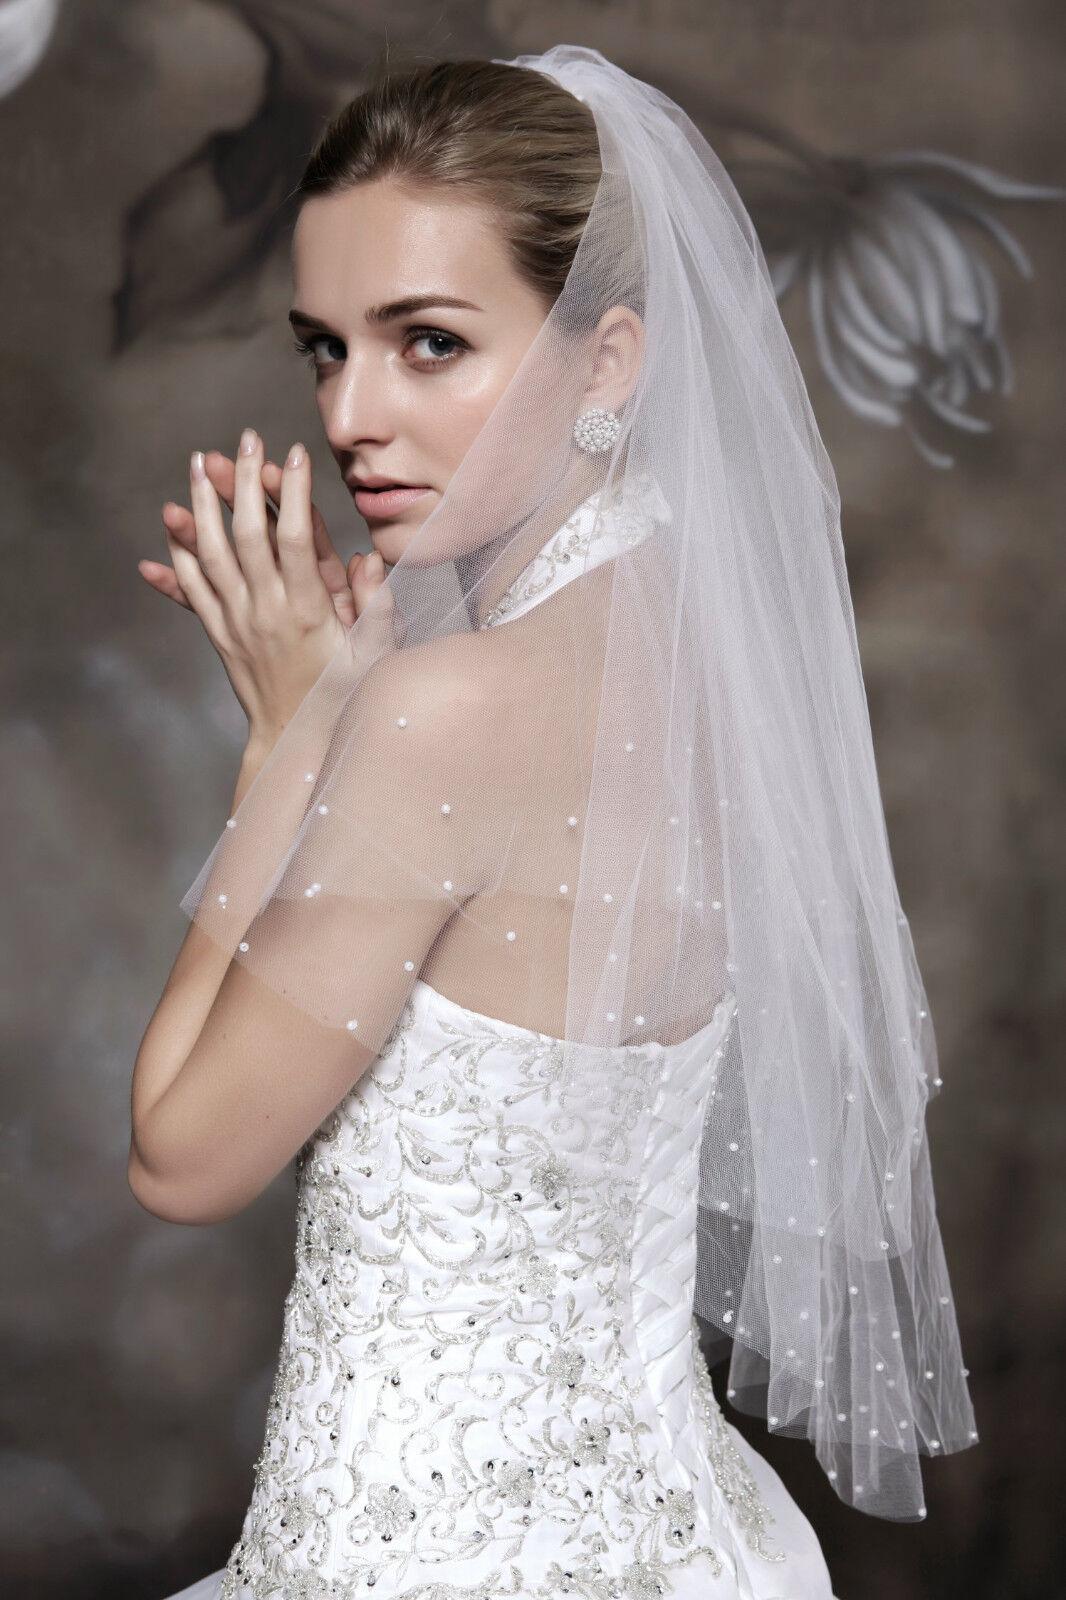 HBH doppellagige Brautschleier aus Tüll,mit Perlen/Kamm verziert,Länge:60cm/80cm